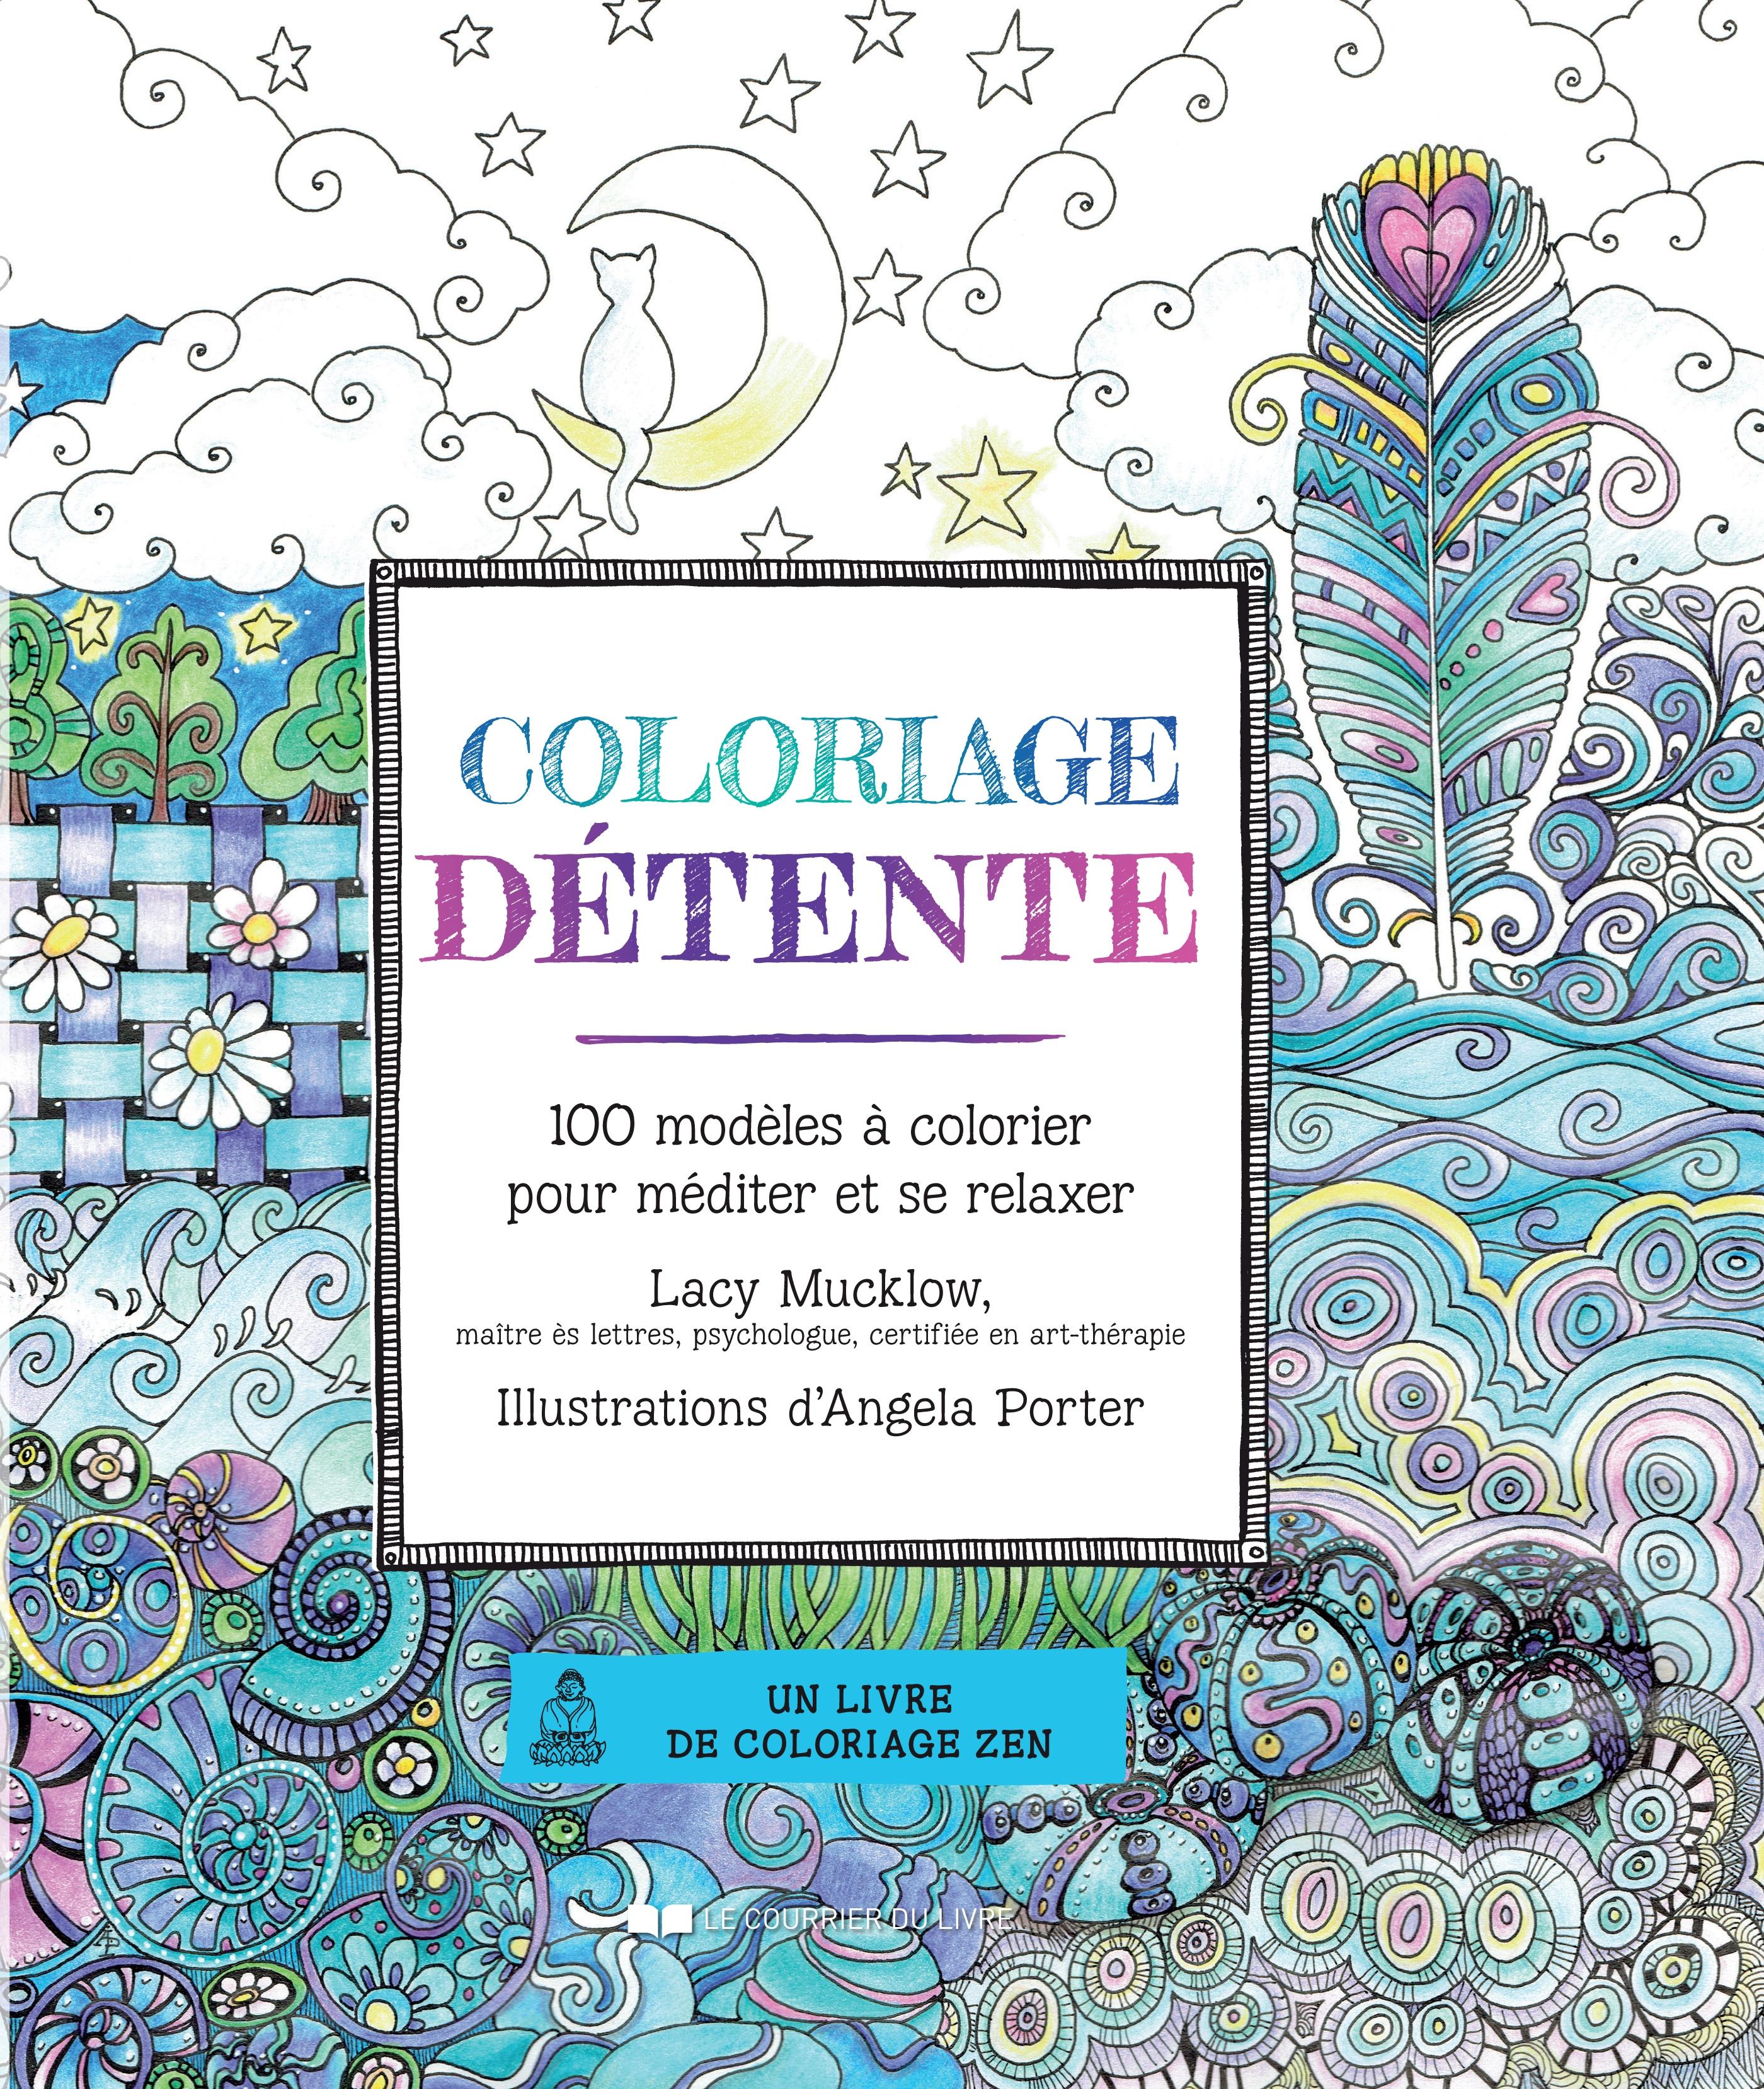 tlcharger limage de couverture - Coloriage Dtente